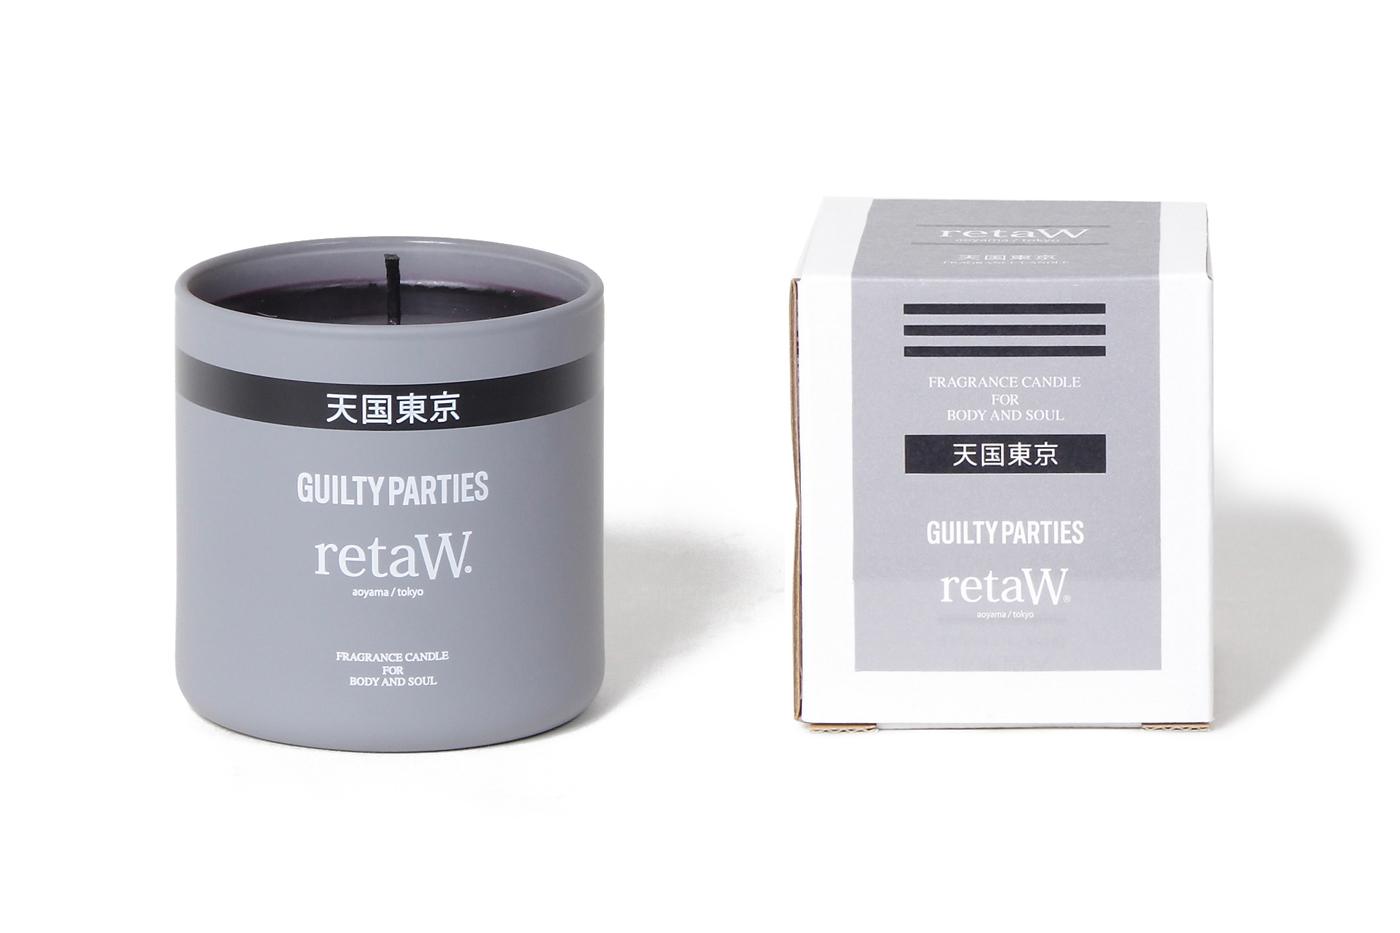 家居香调品牌 retaW 携手 WACKO MARIA 打造全新香氛系列